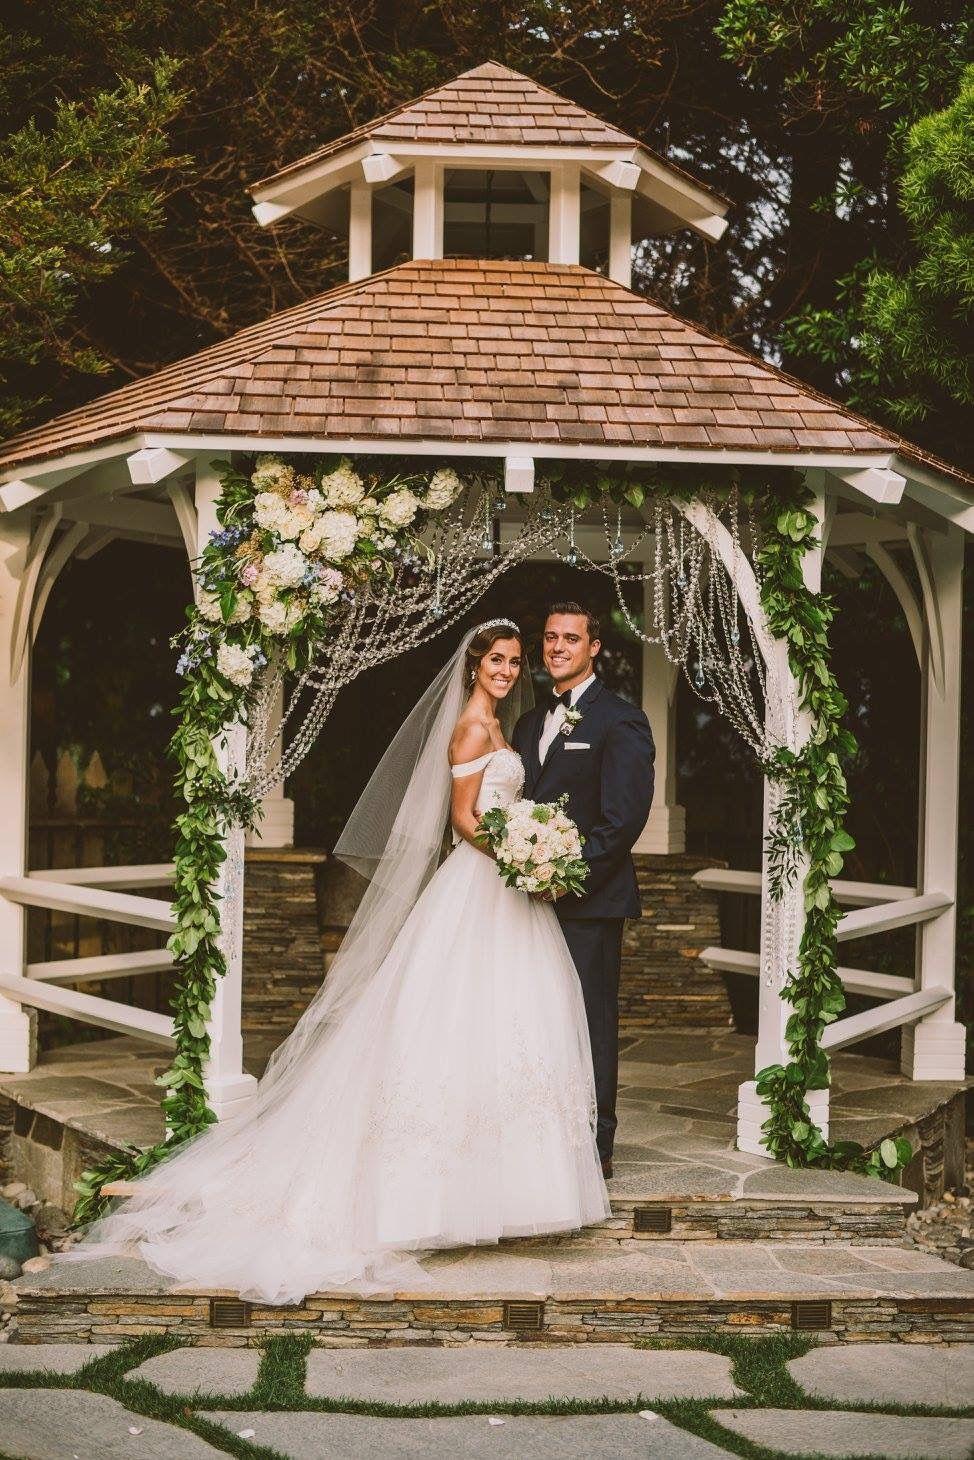 Covered shoulder wedding dresses  Fairytale wedding off the shoulder wedding dress Disney wedding